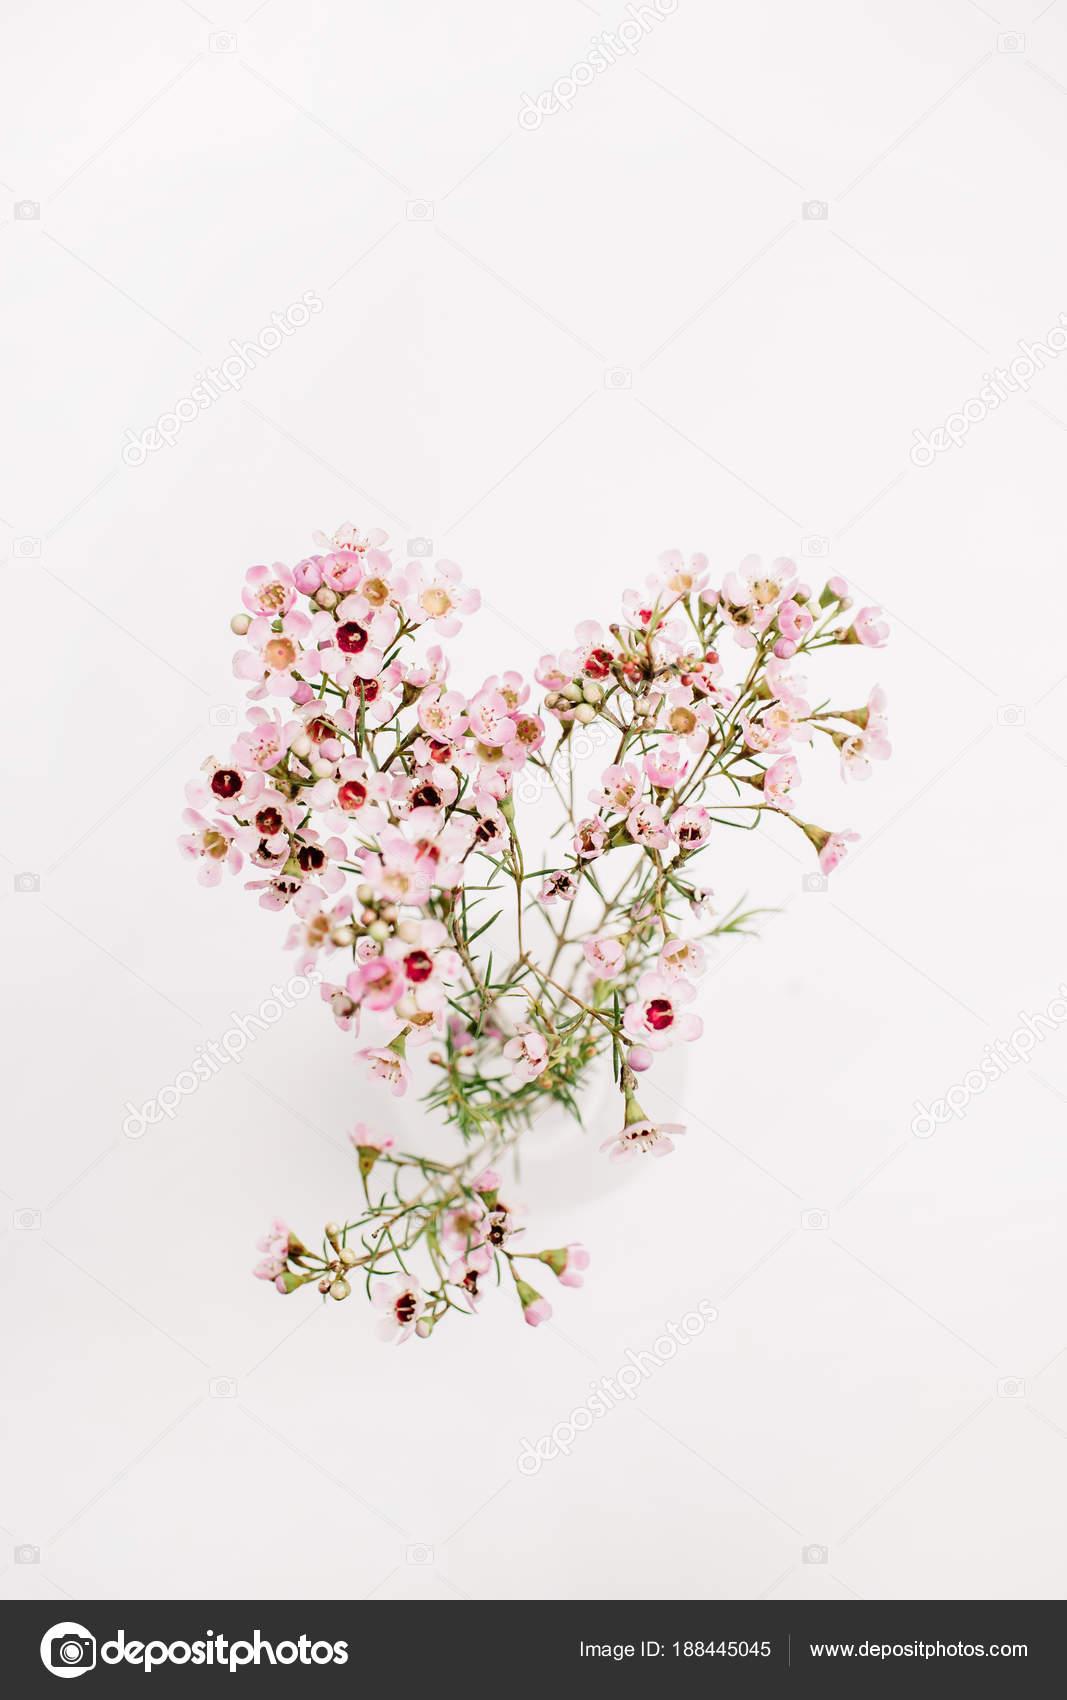 Ramo Flores Silvestres Isolado Fundo Branco Ver Cima Estabelecer